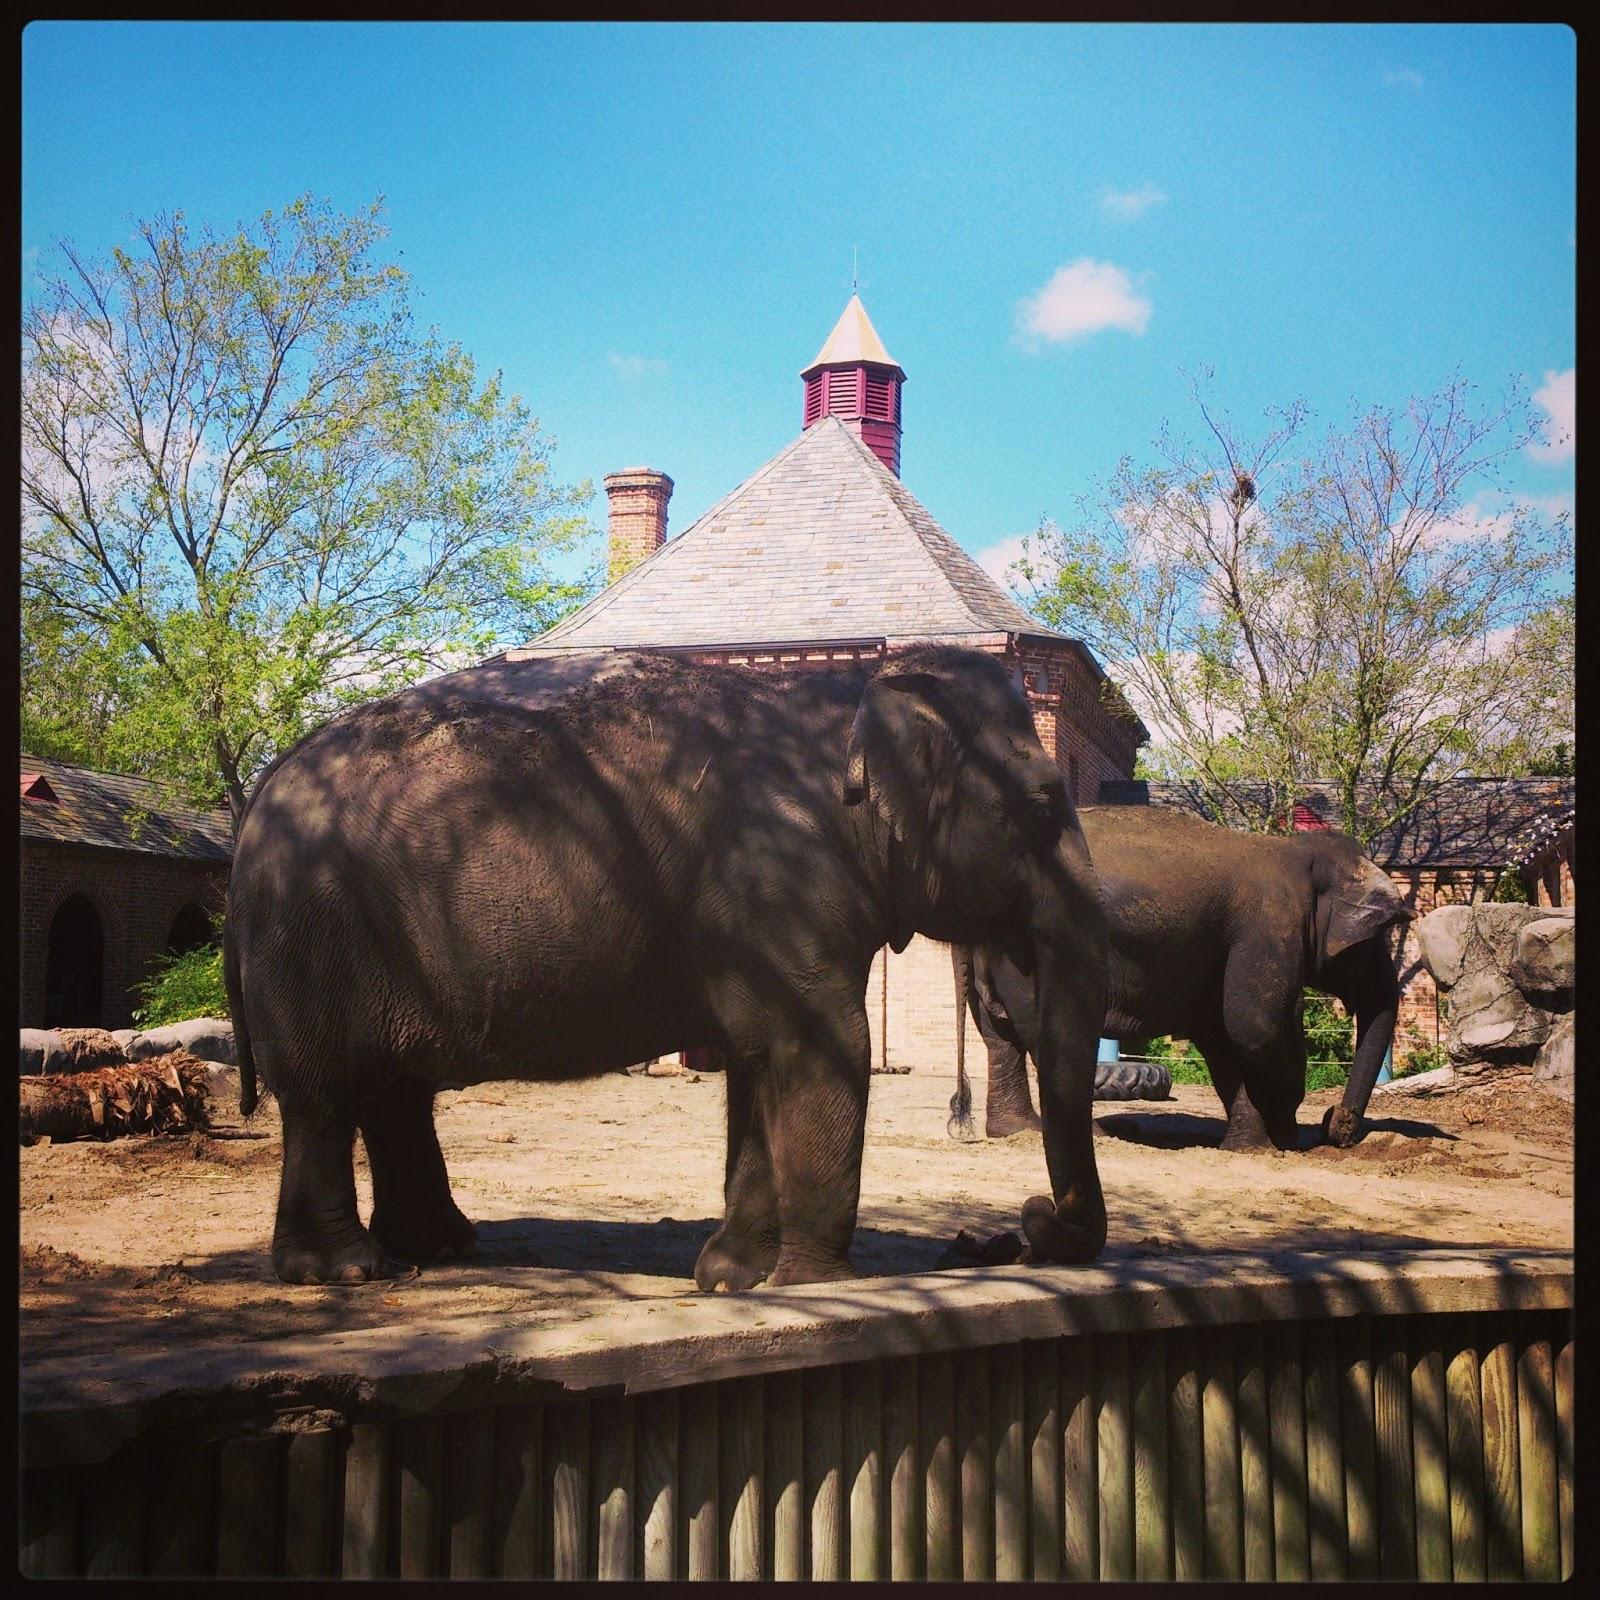 Rougarou Audubon Zoo - #traffic-club